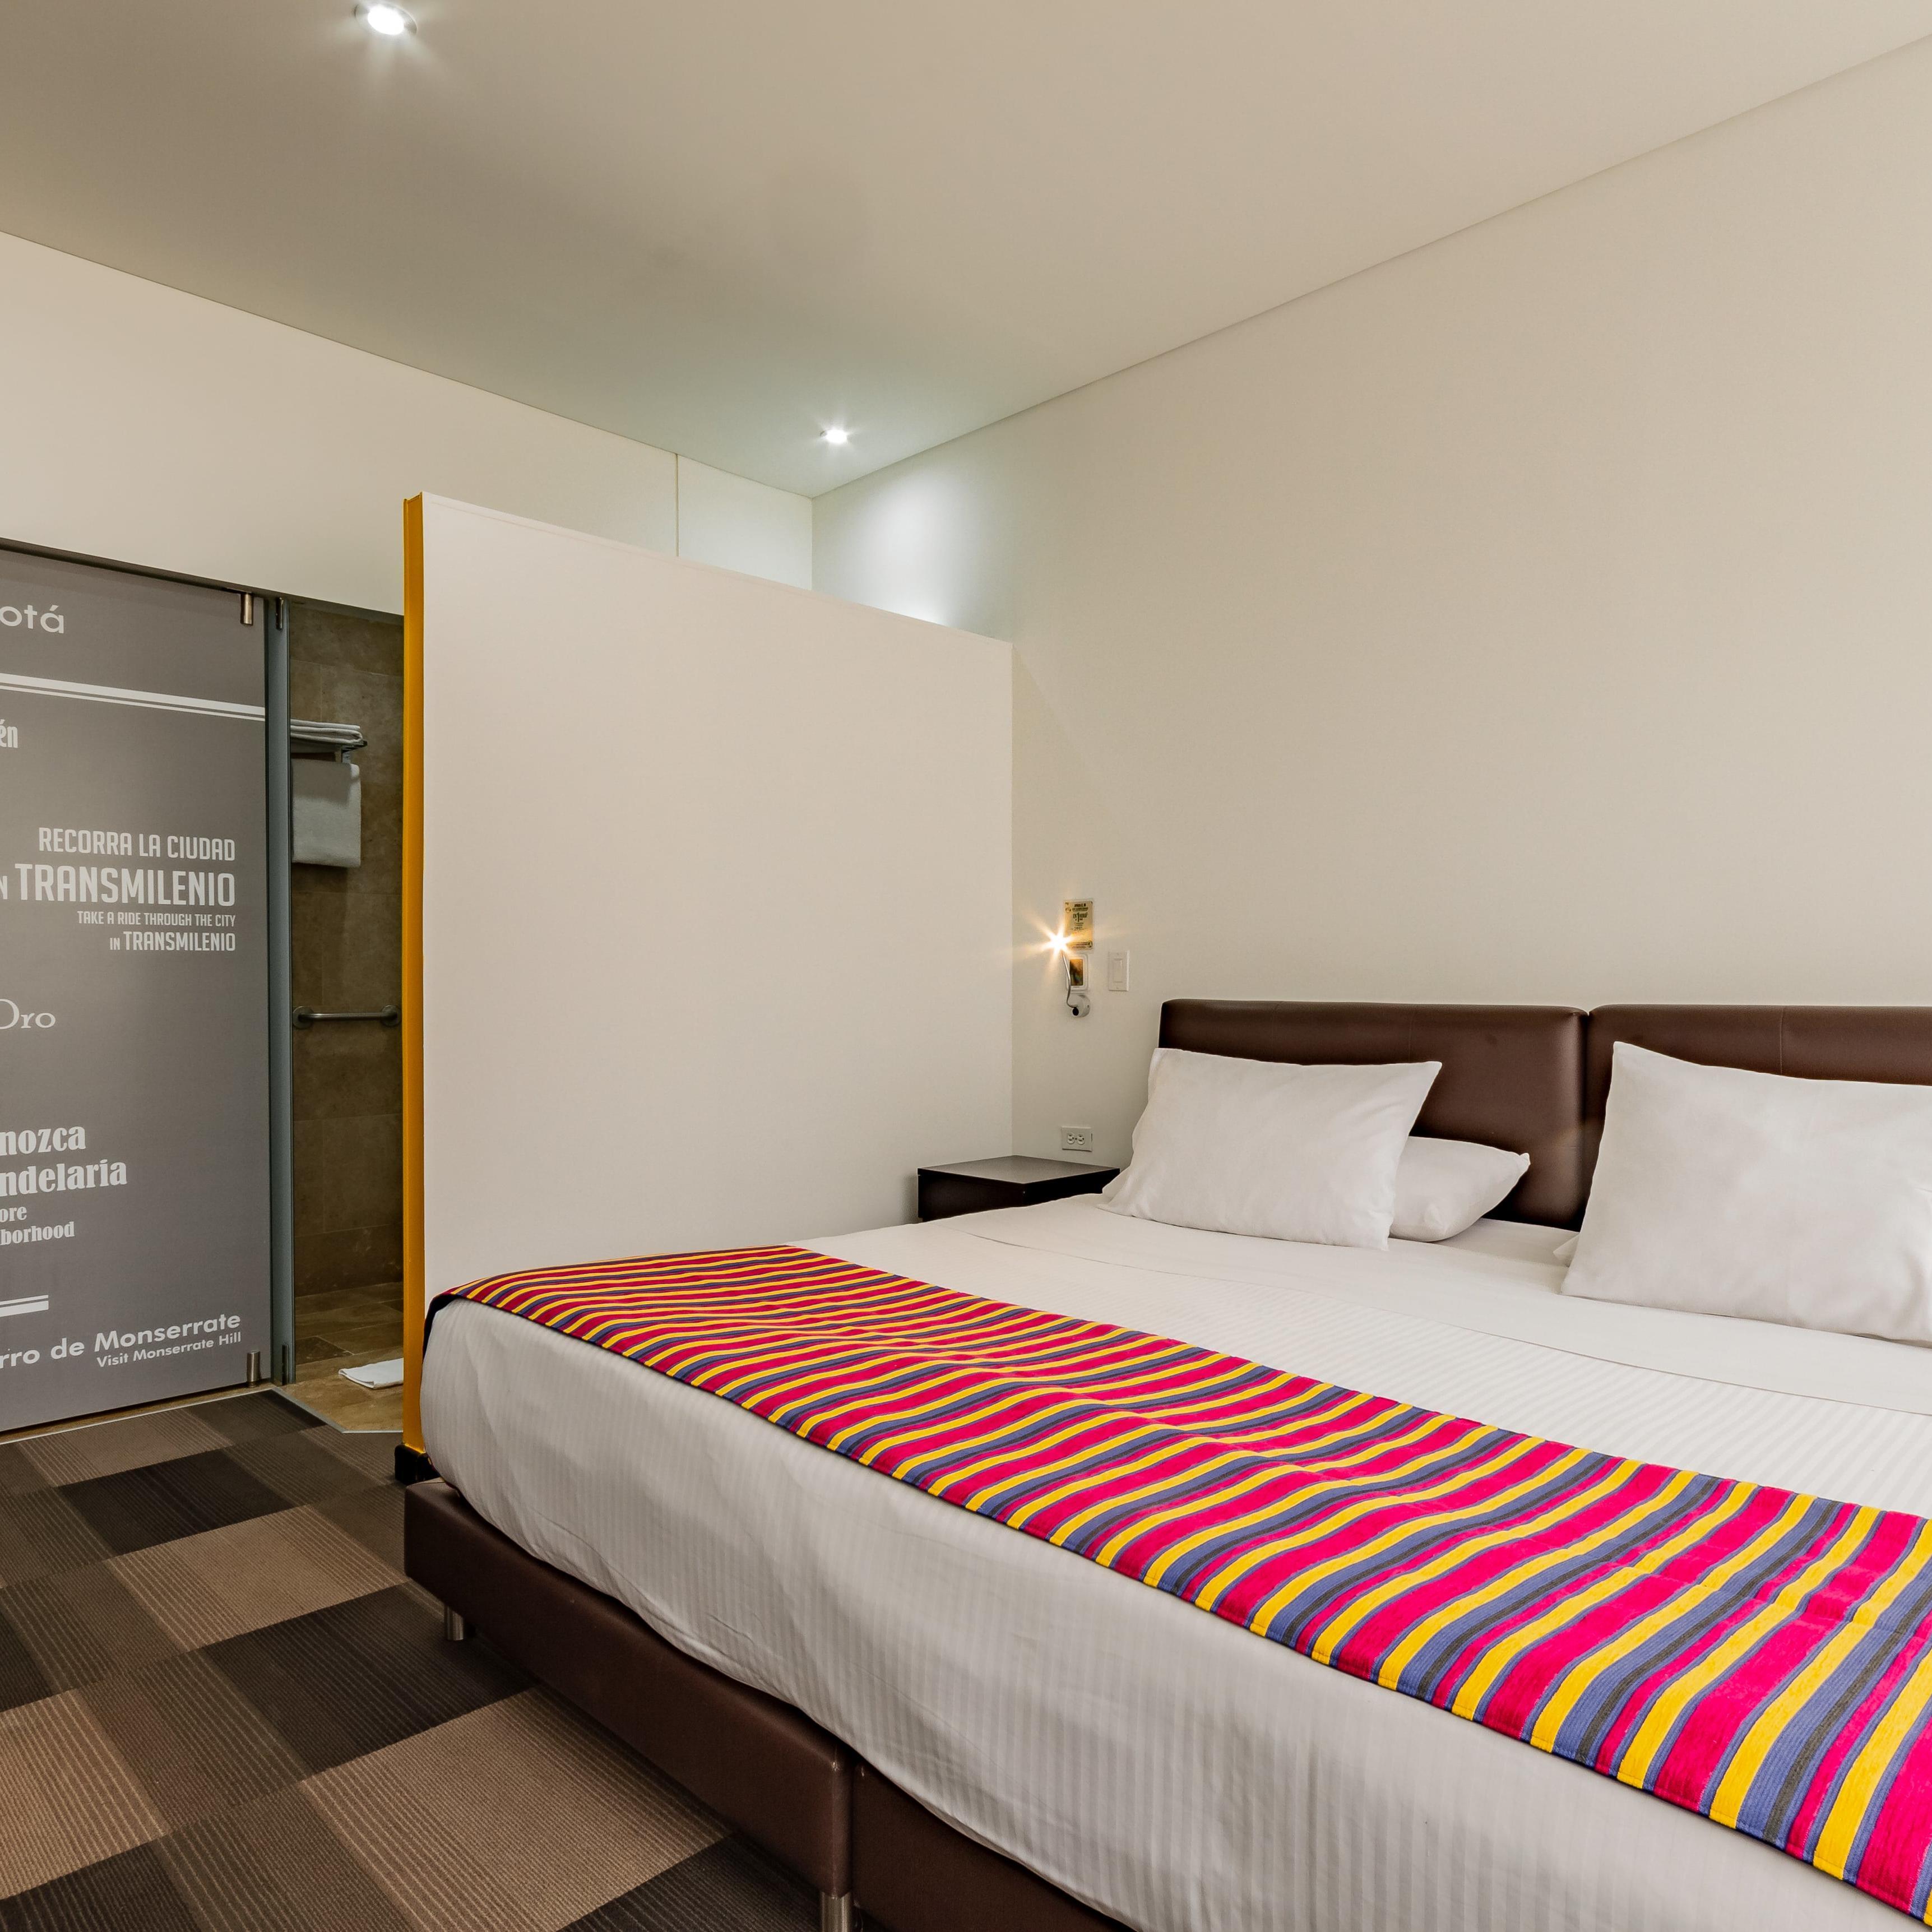 Habitación Superior Hotel TRYP Usaquén